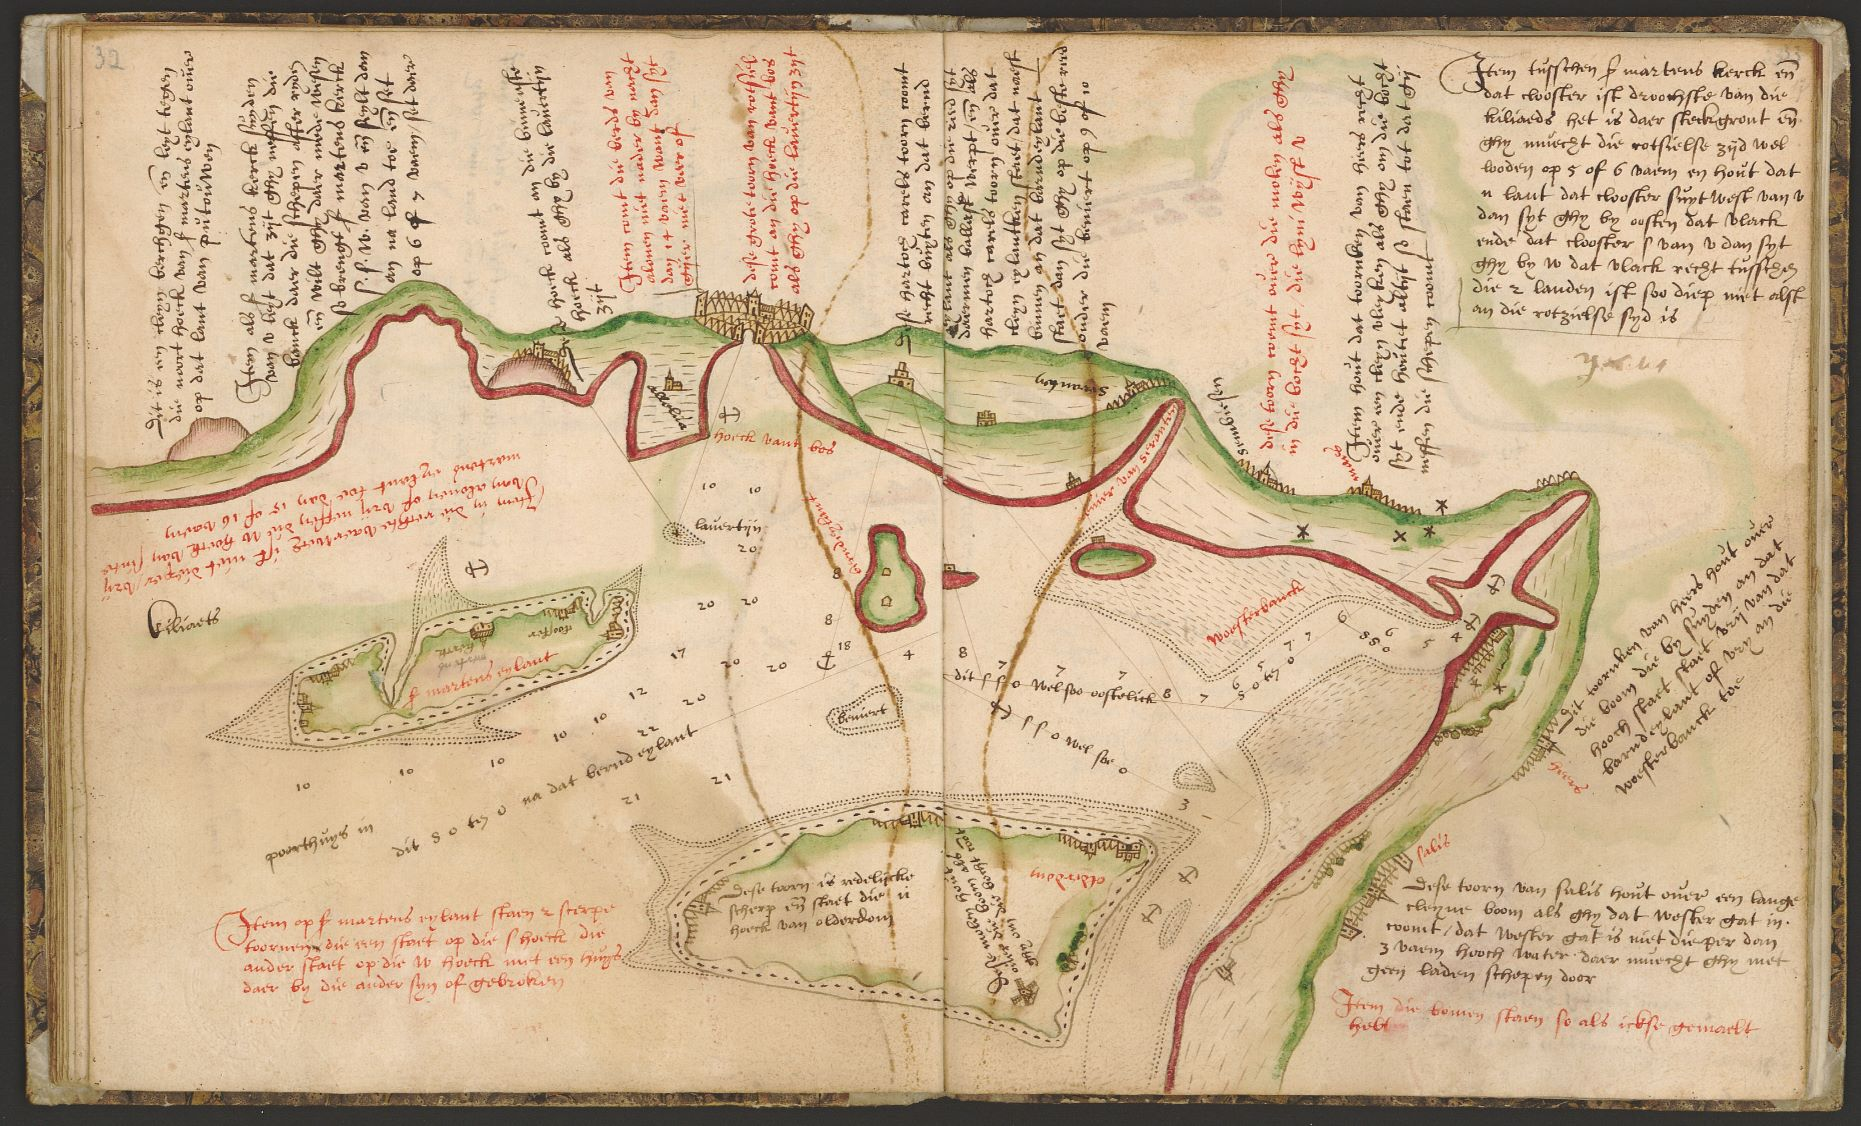 Pagina's uit het zeeboek met navigatieinstructies